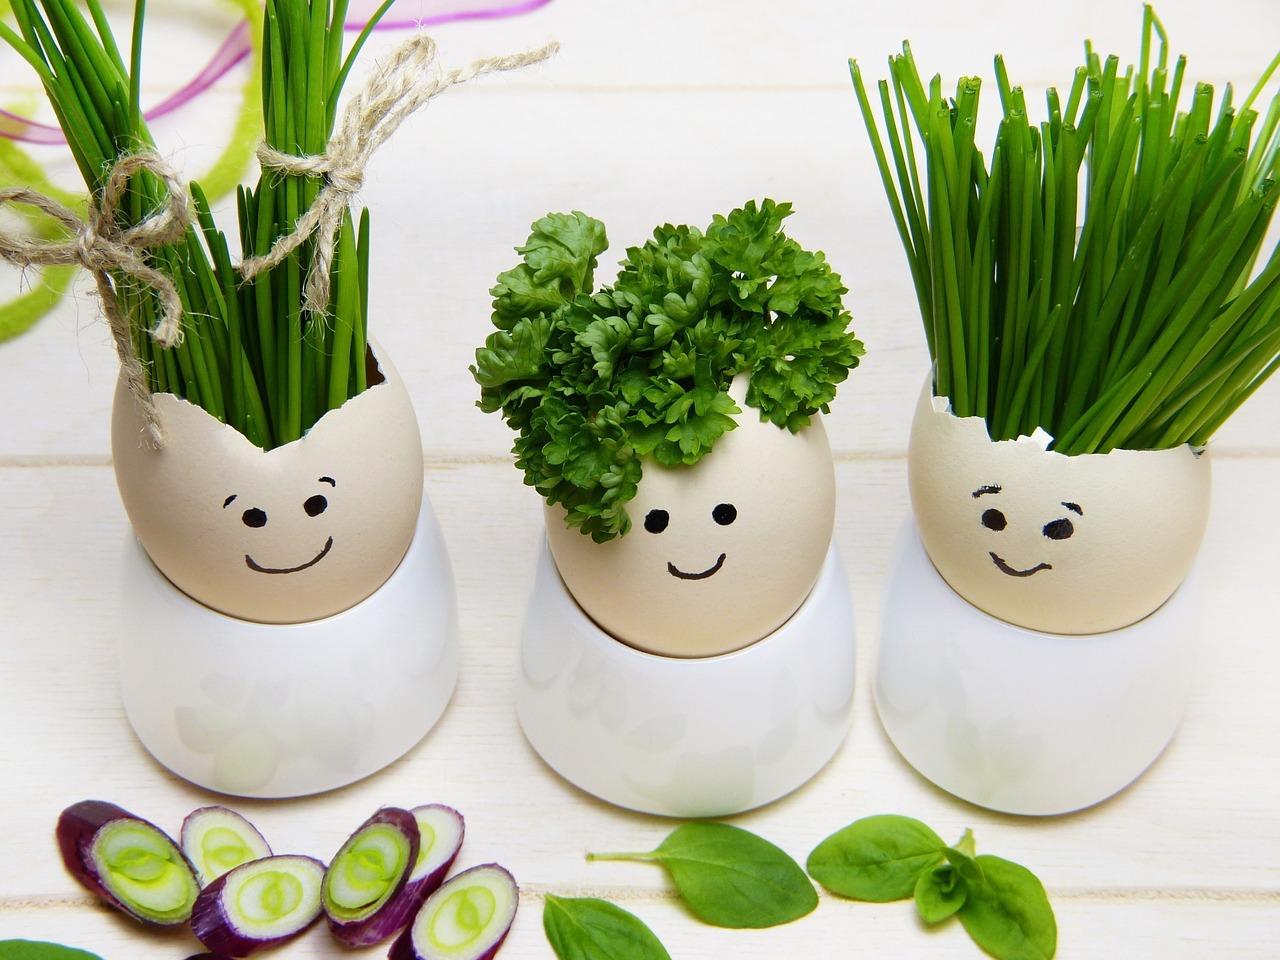 mimpi bawang putih